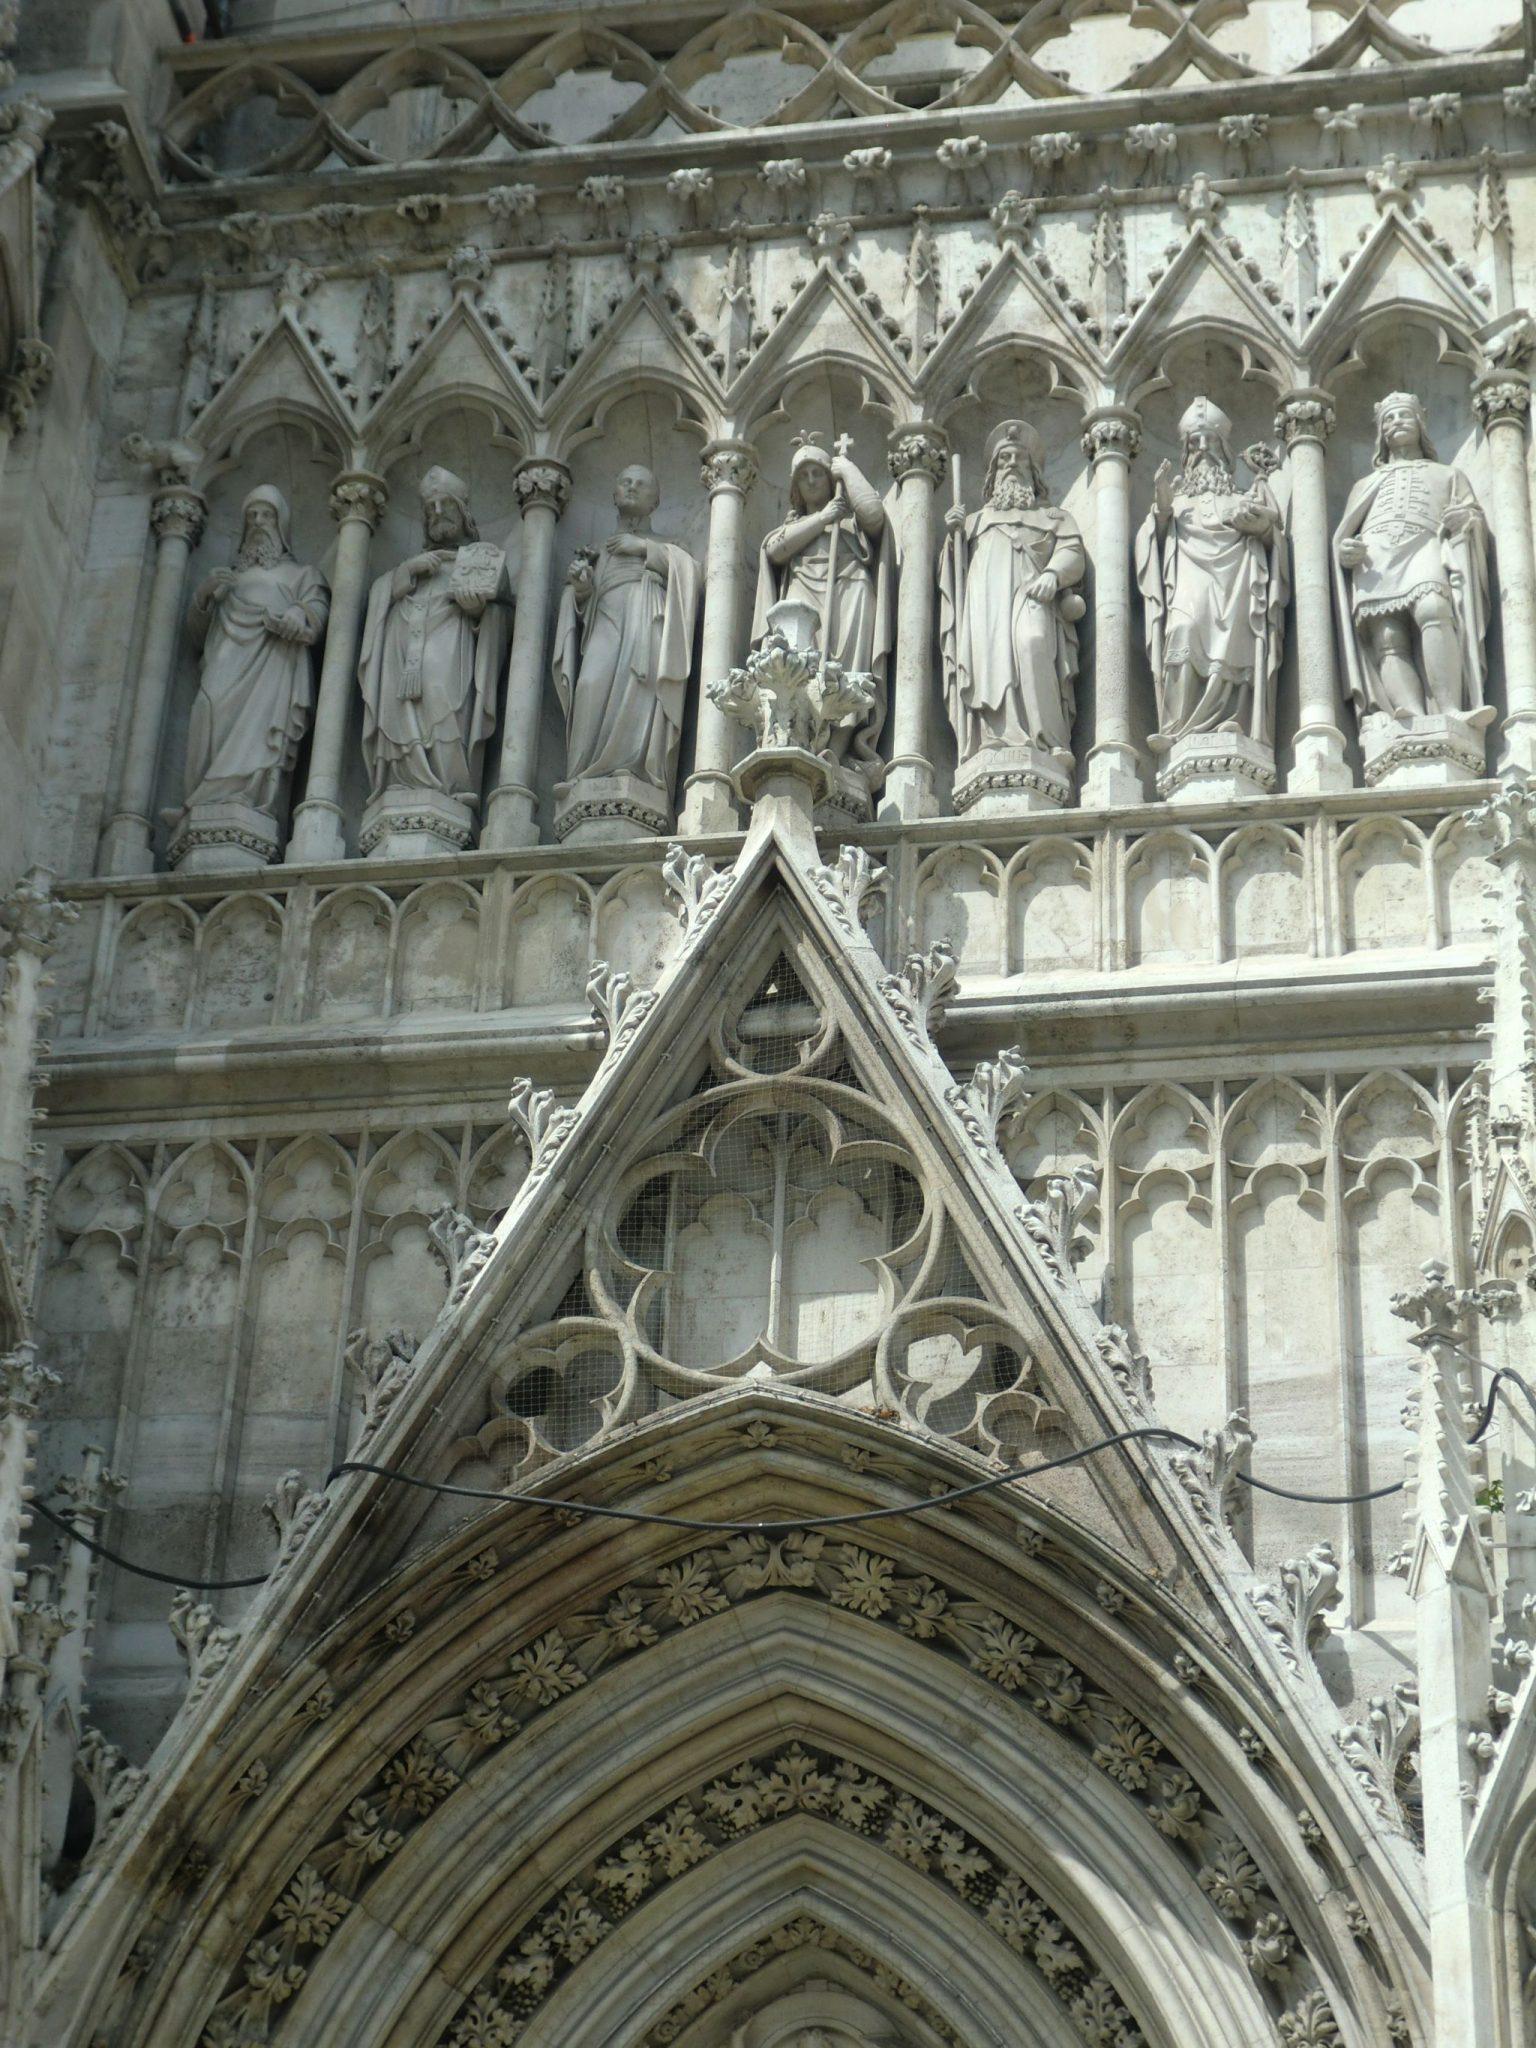 Vienna cathedral 4 1440x1920 - Vienna: elegant beauty